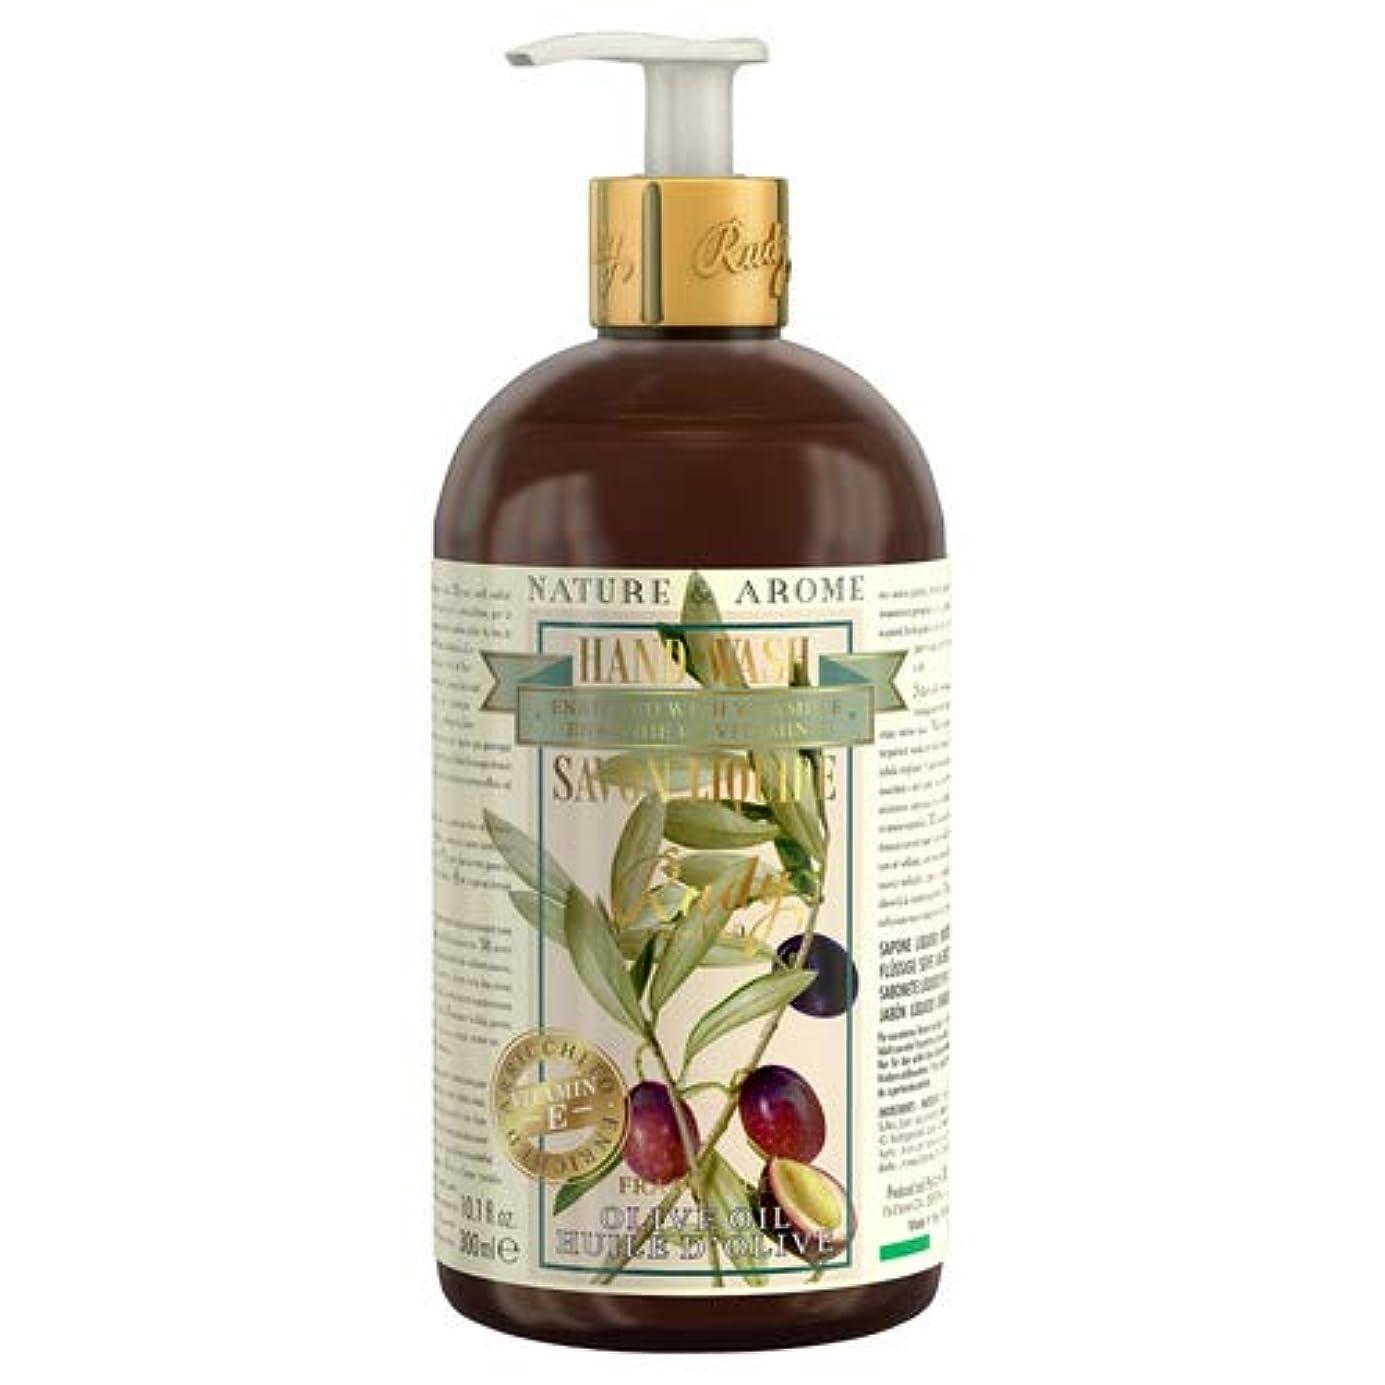 打ち上げる手伝うスコットランド人ルディ(Rudy) RUDY Nature&Arome Apothecary ネイチャーアロマ アポセカリー Hand Wash ハンドウォッシュ(ボディソープ) Olive Oil オリーブオイル